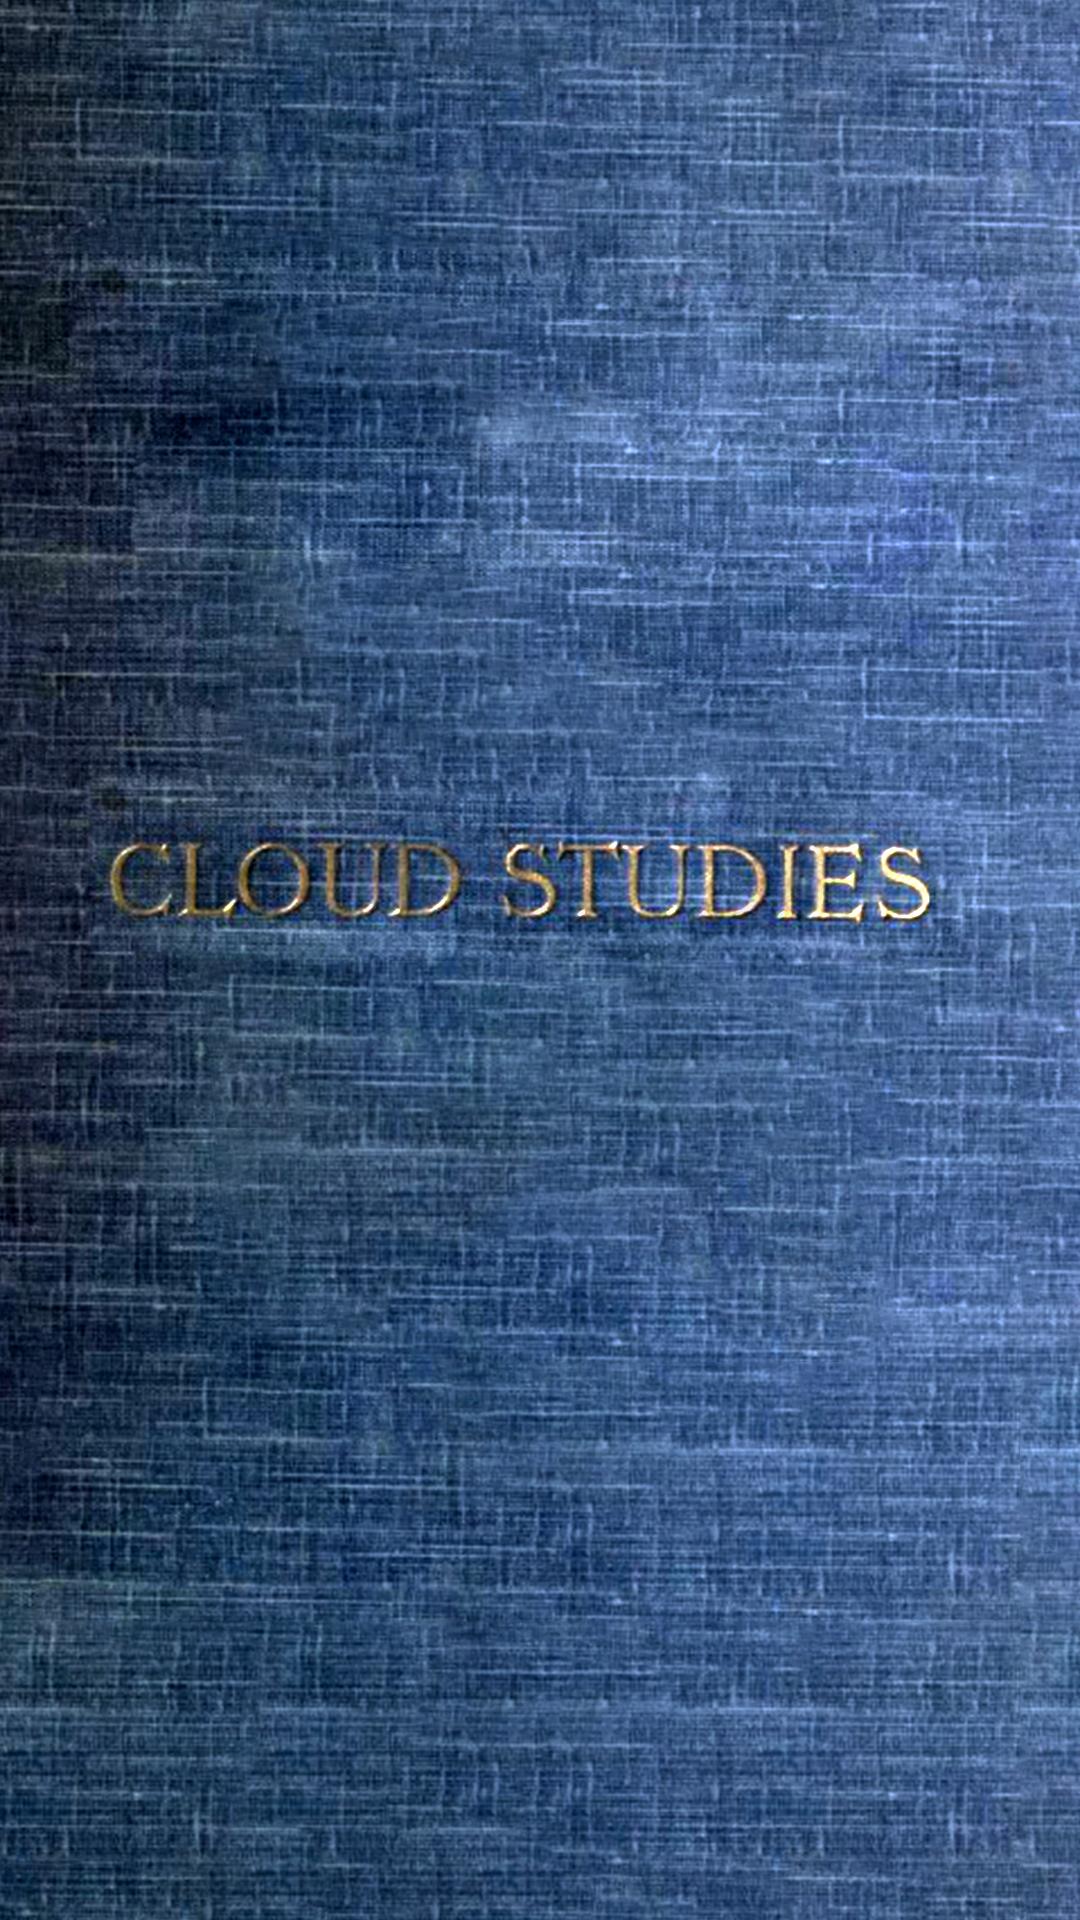 cloudstudies.jpg